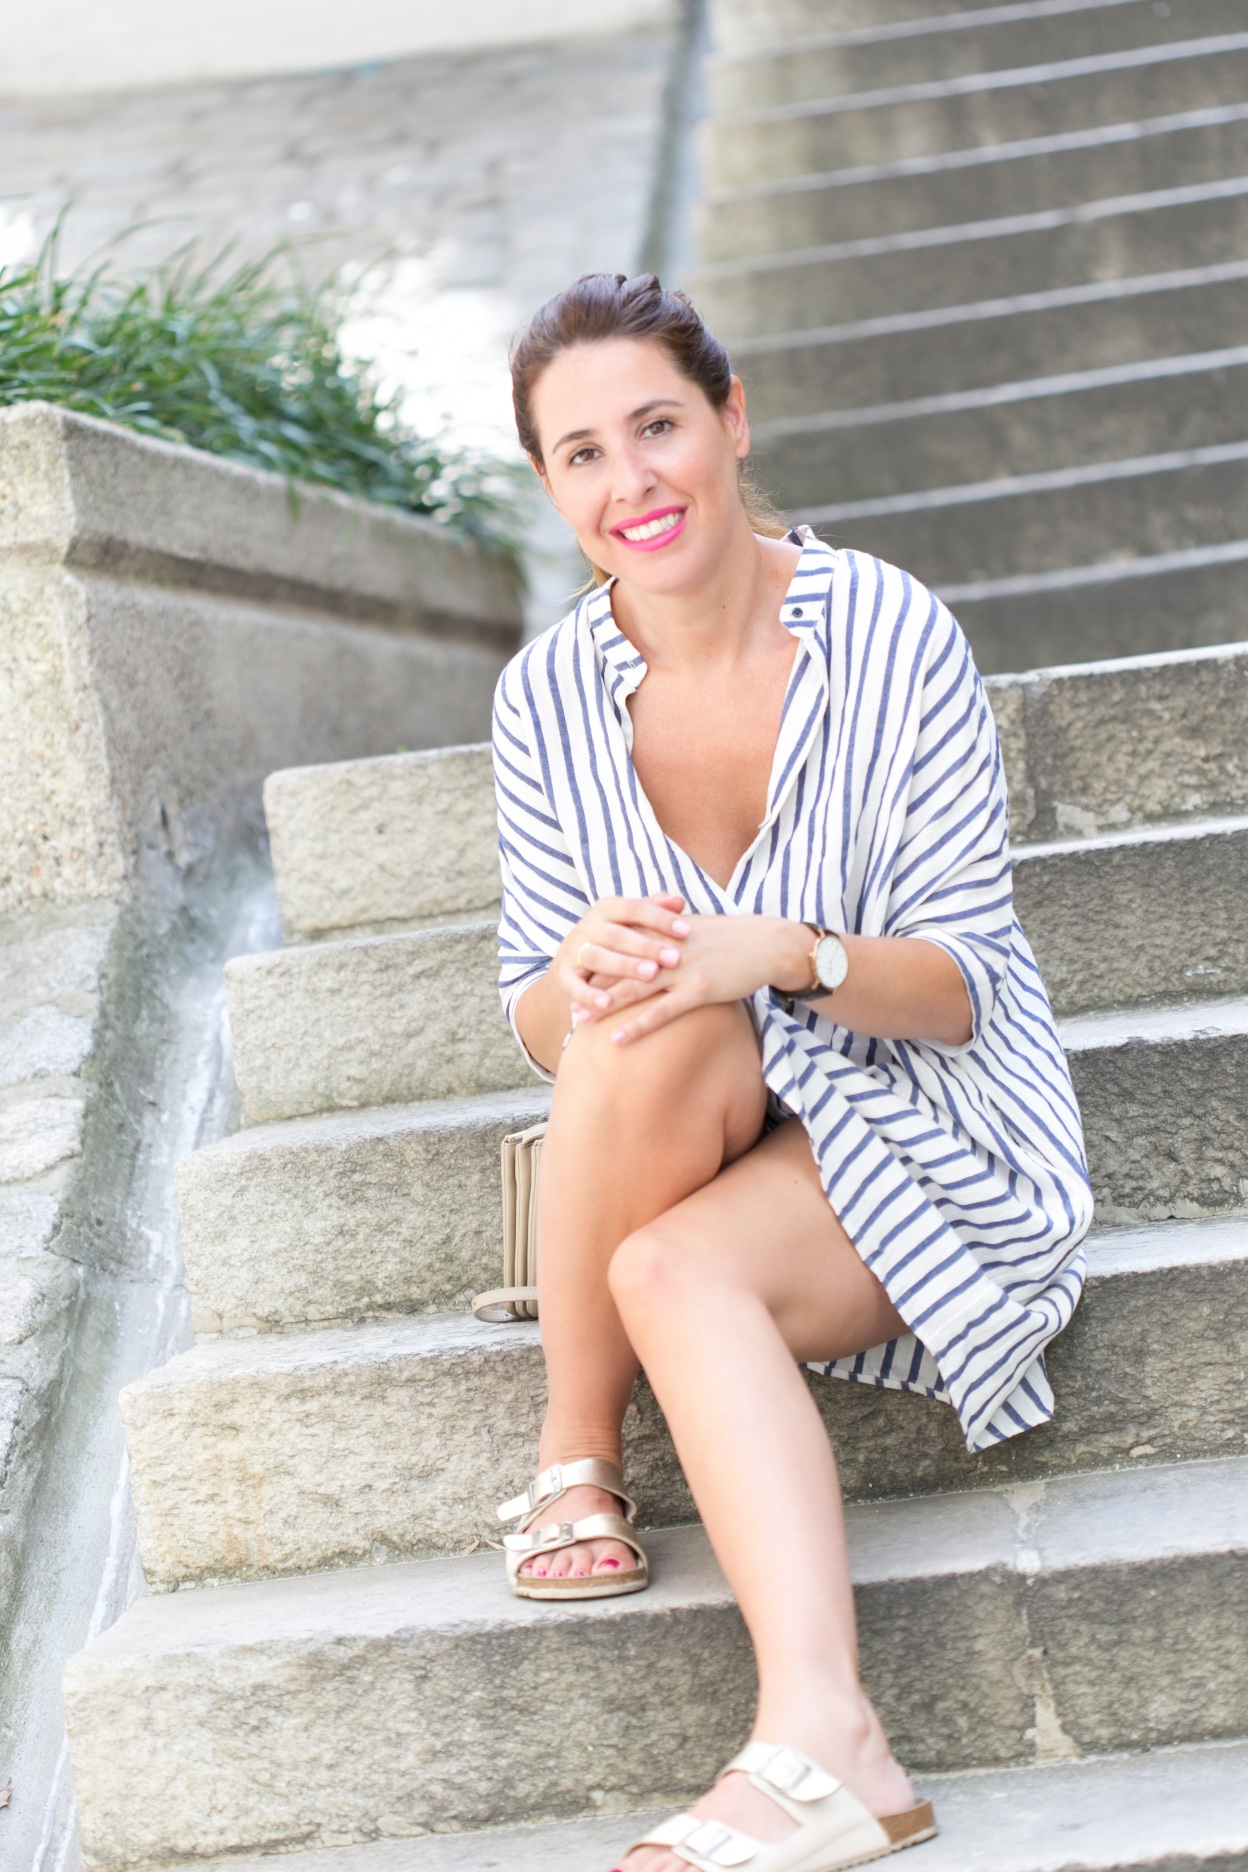 estilo-moda-look-rayas-fashionblogger-descalzaporelparque-Coruña-DanielWellington-modaenlacalle